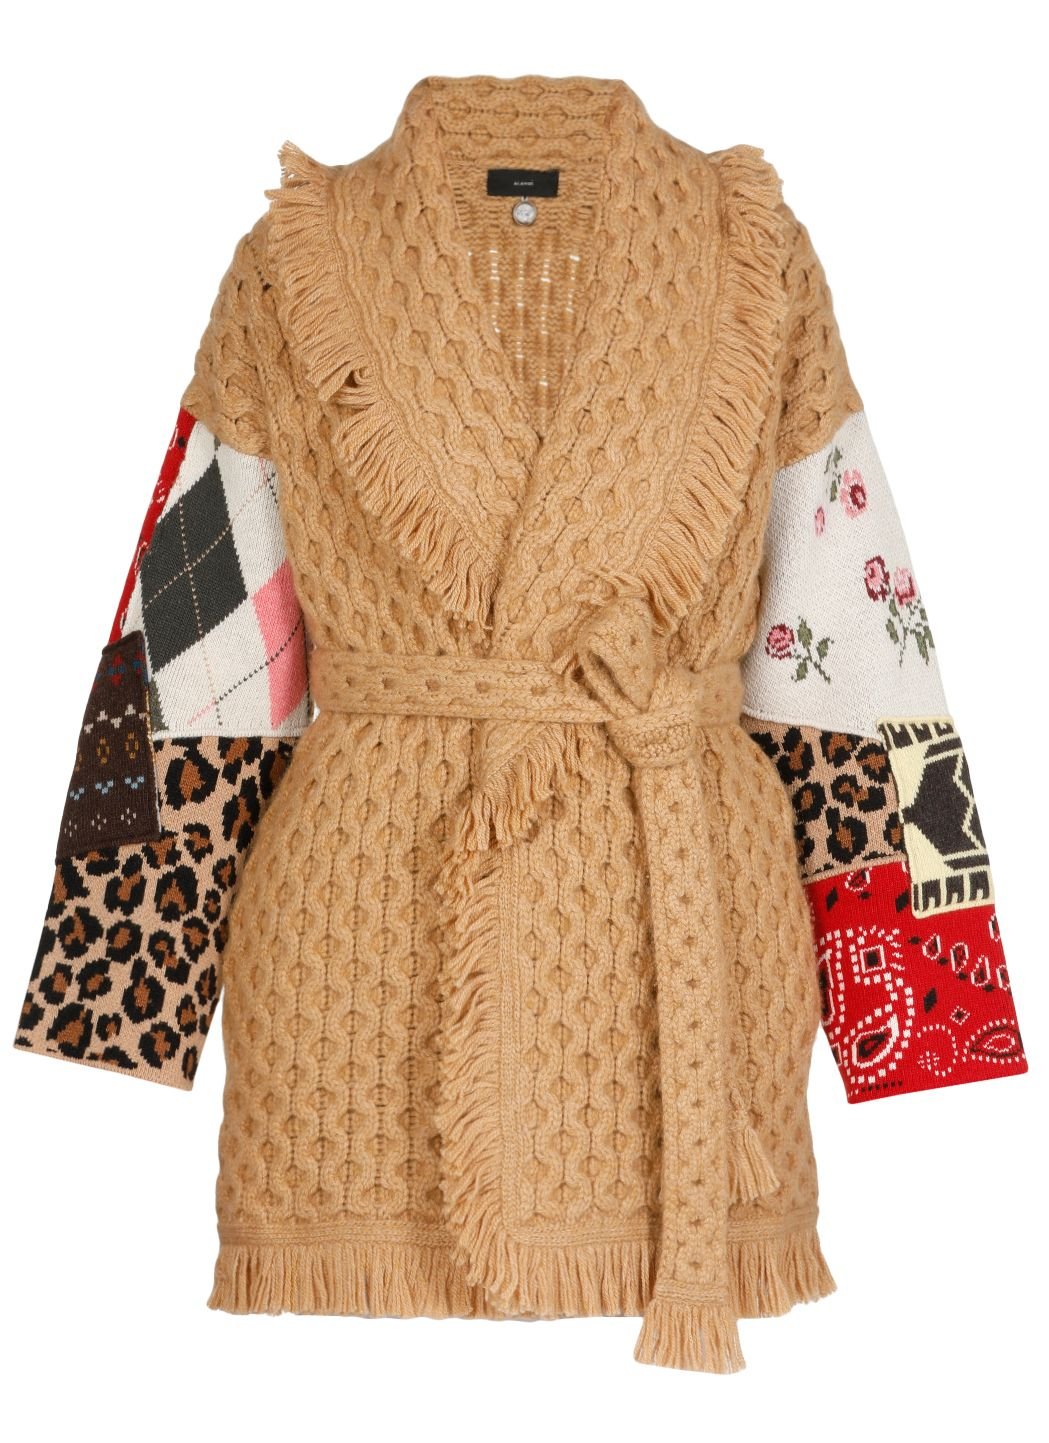 Honey patchwork cardigan